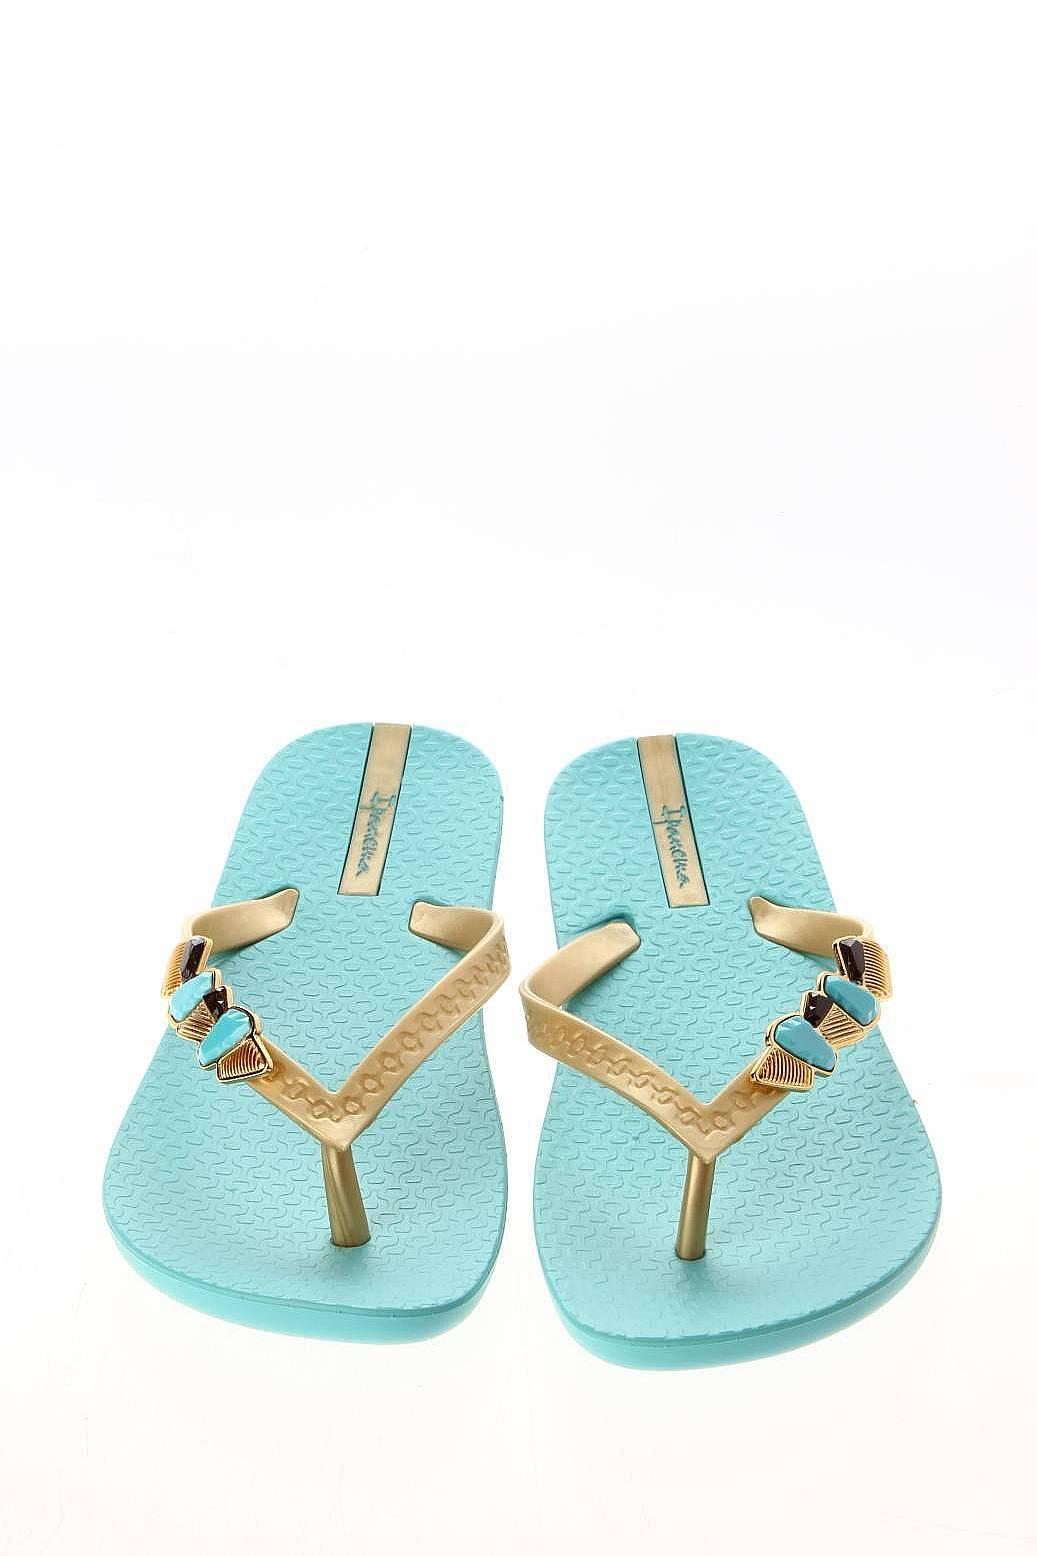 Мужская Обувь Детская Обувь Женская Обувь Сланцы: Ipanema Обувь